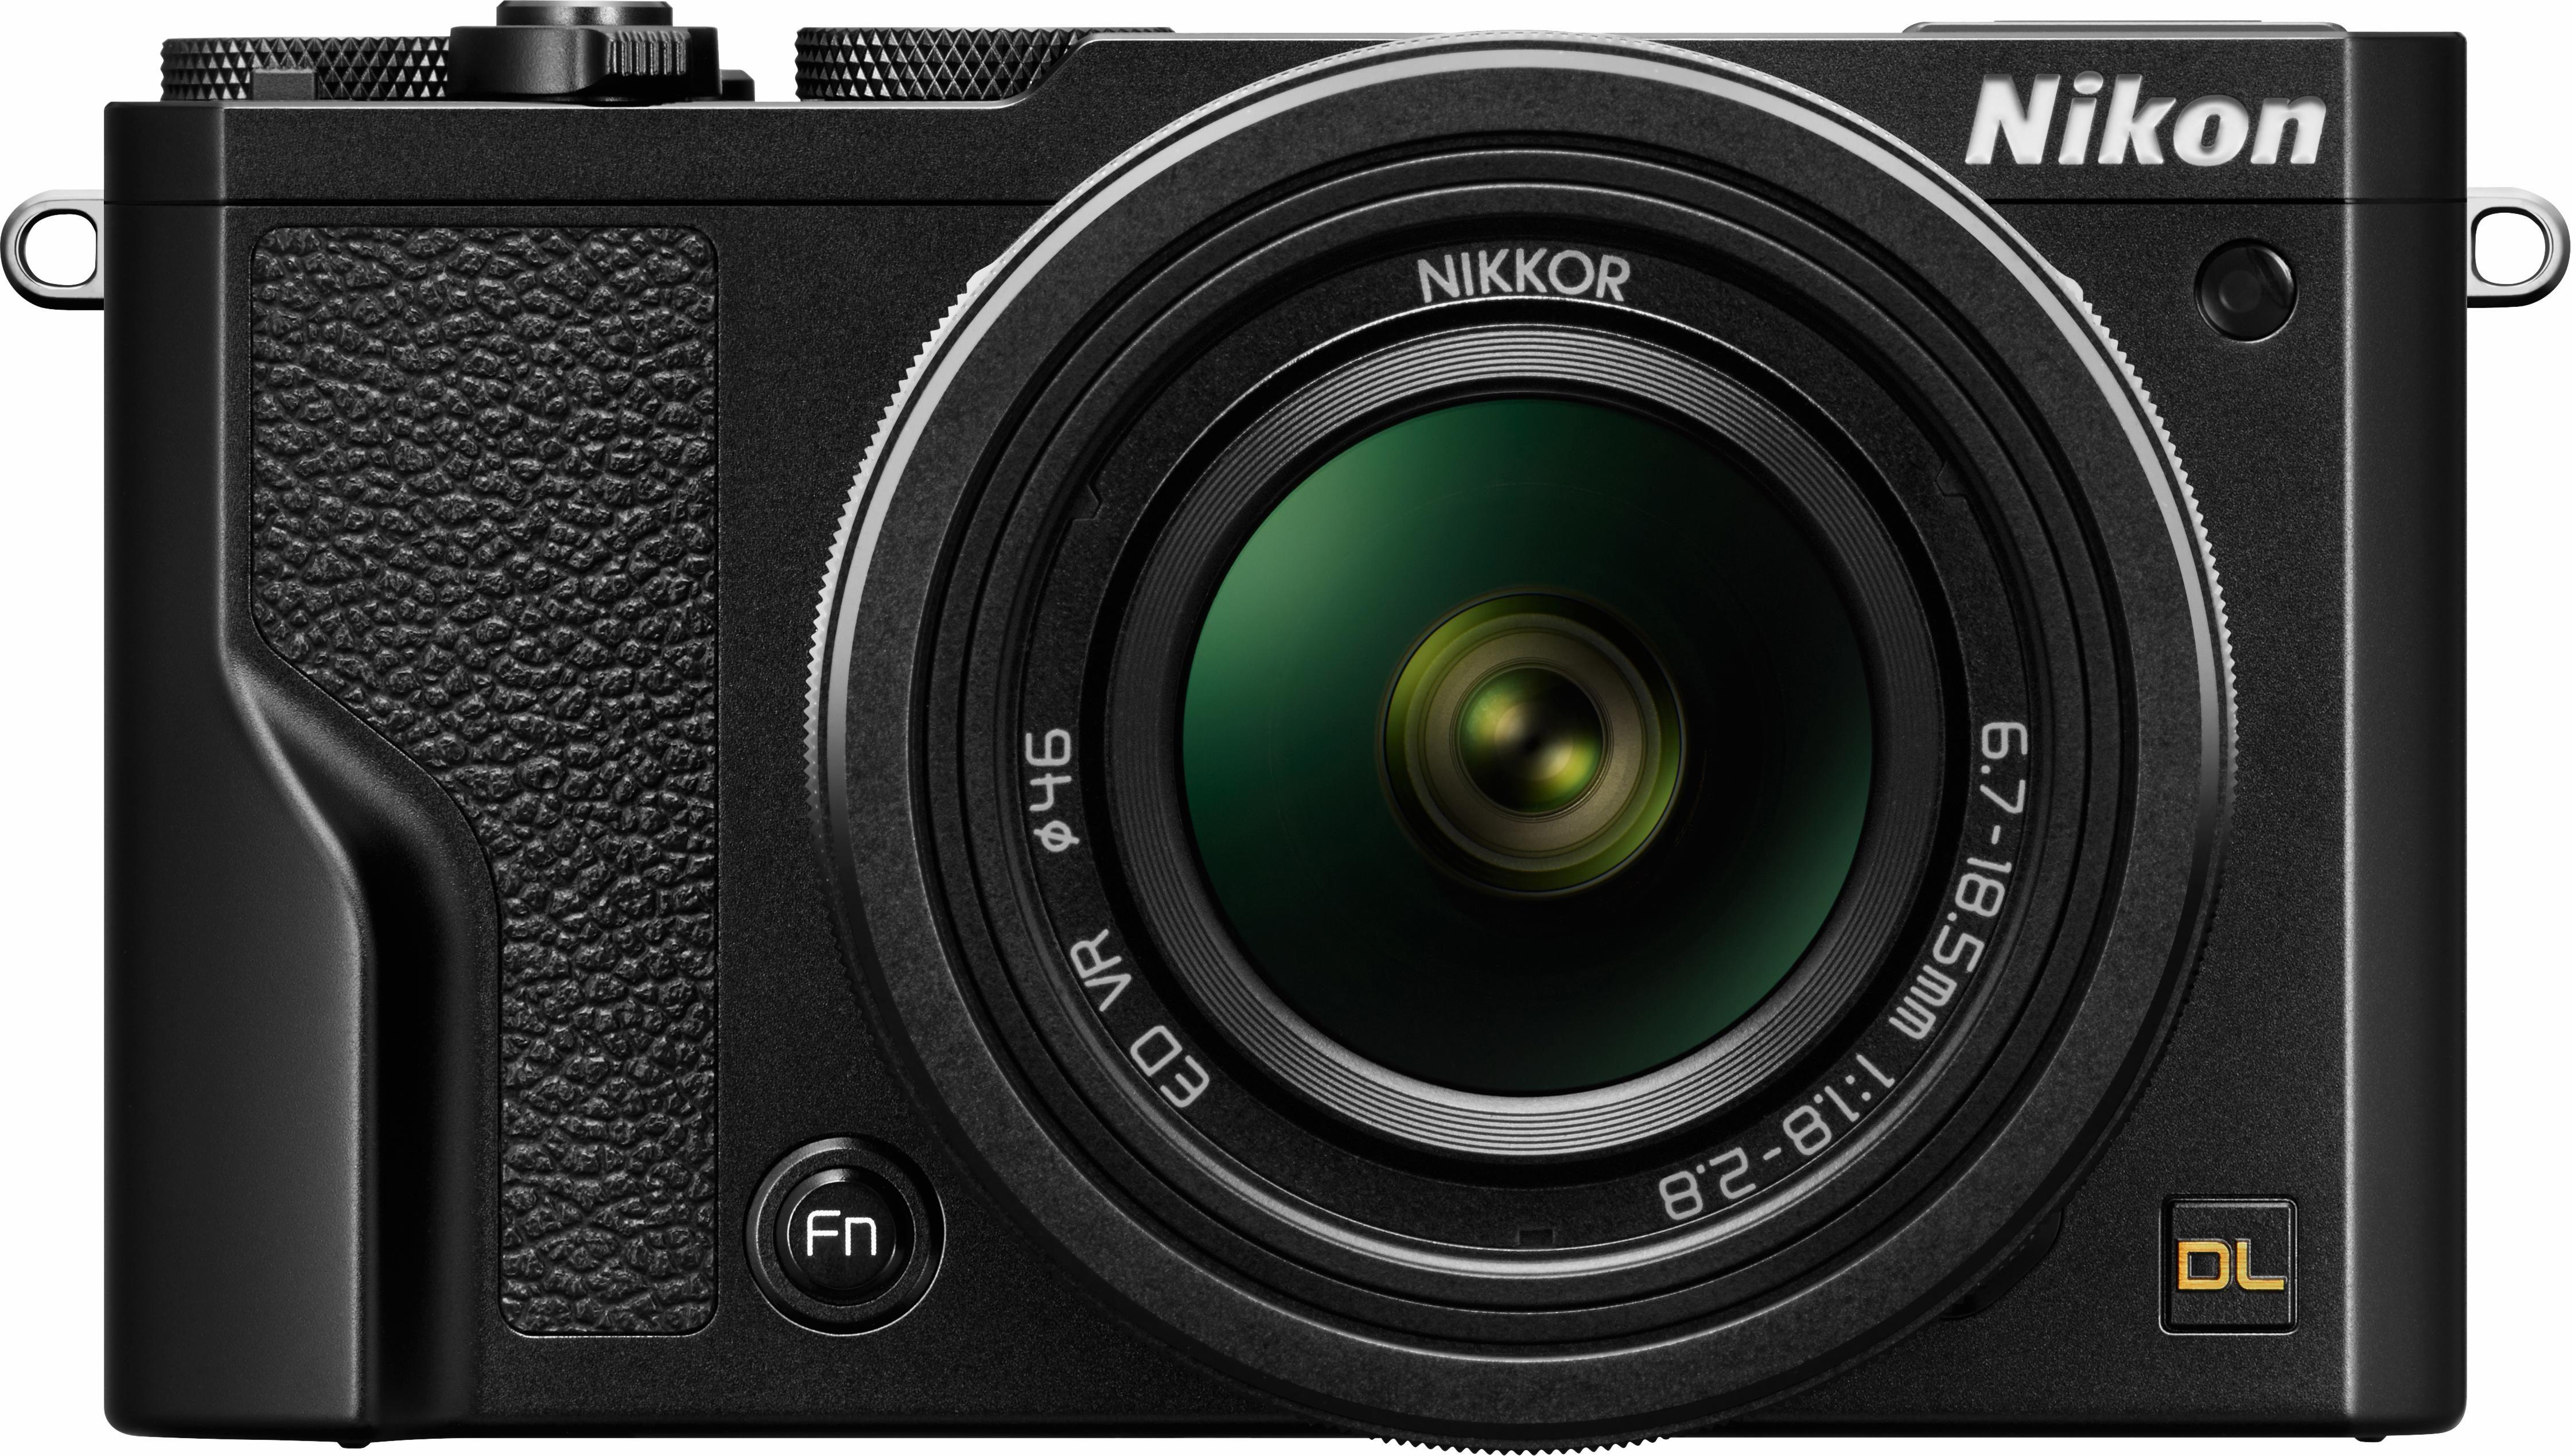 Nikon DL 18–50 mm f/1.8–2.8 Kompakt Kamera, 20,8 Megapixel, 2,8x opt. Zoom, 7,5 cm (3 Zoll) Display